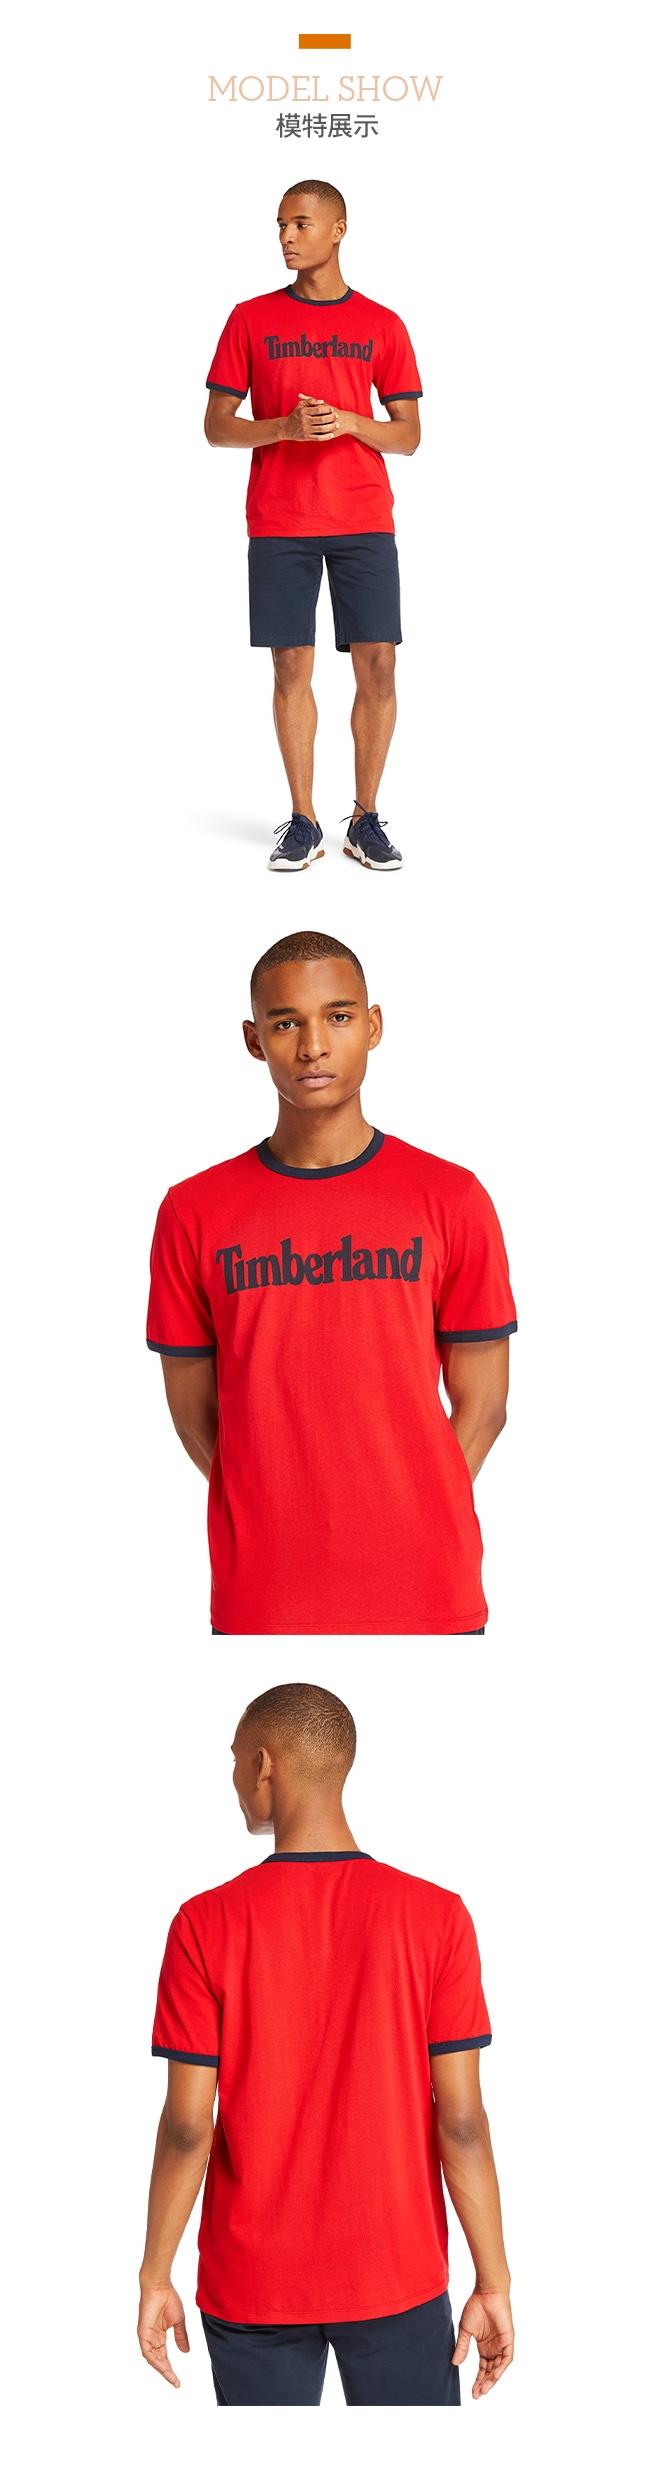 [限時]Timberland男款熱銷百搭T恤(3款任選)